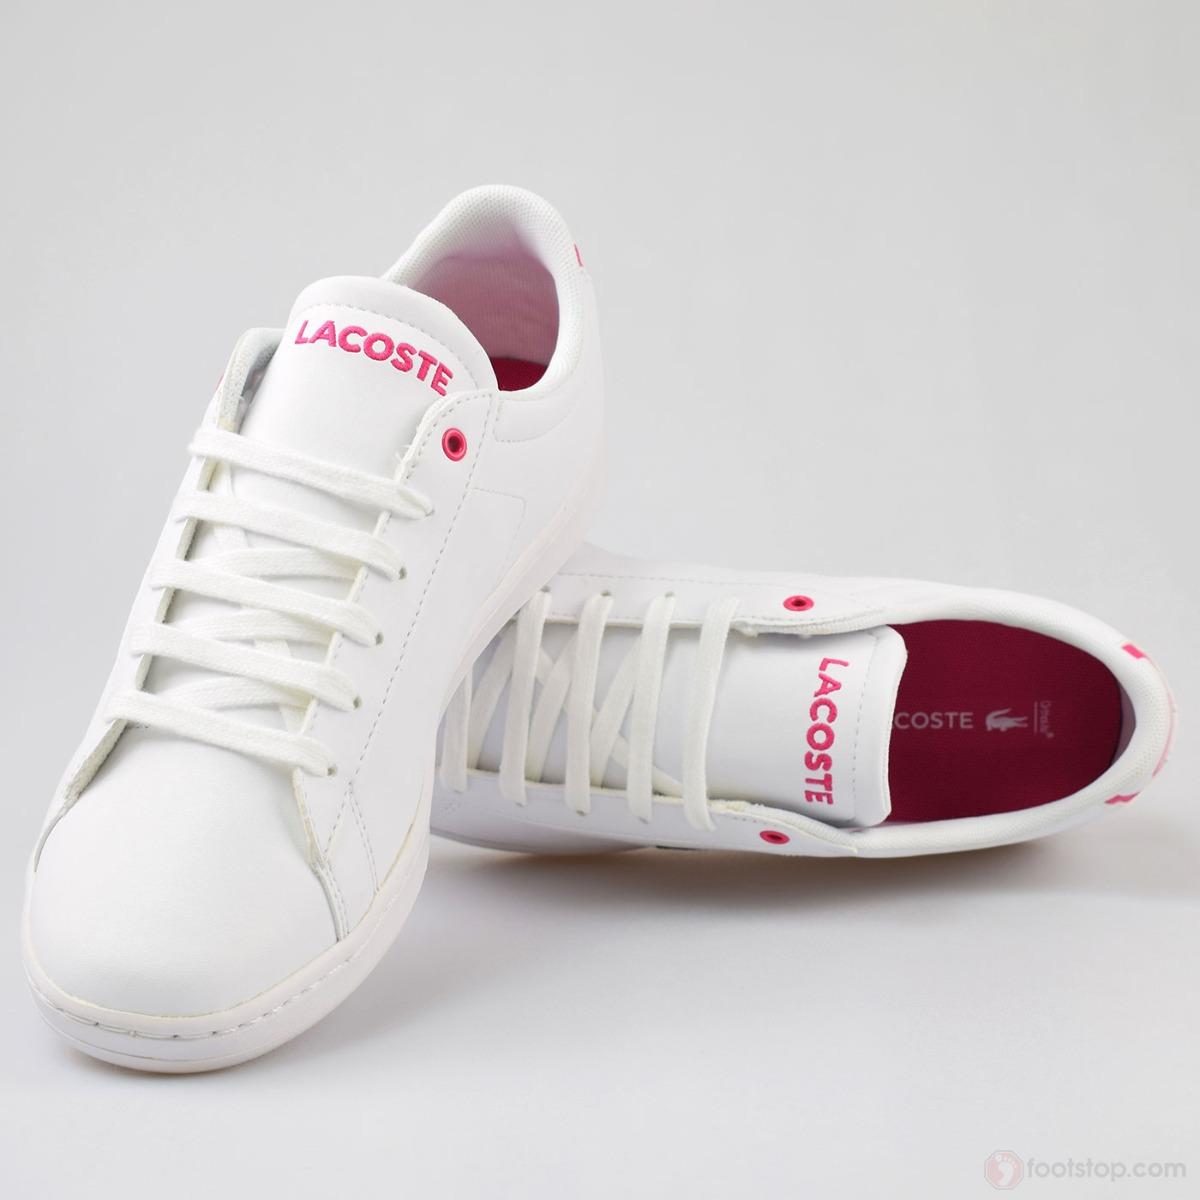 e6b310771a21b tênis feminino lacoste carnaby -rosa original na caixa n° 35. Carregando  zoom.